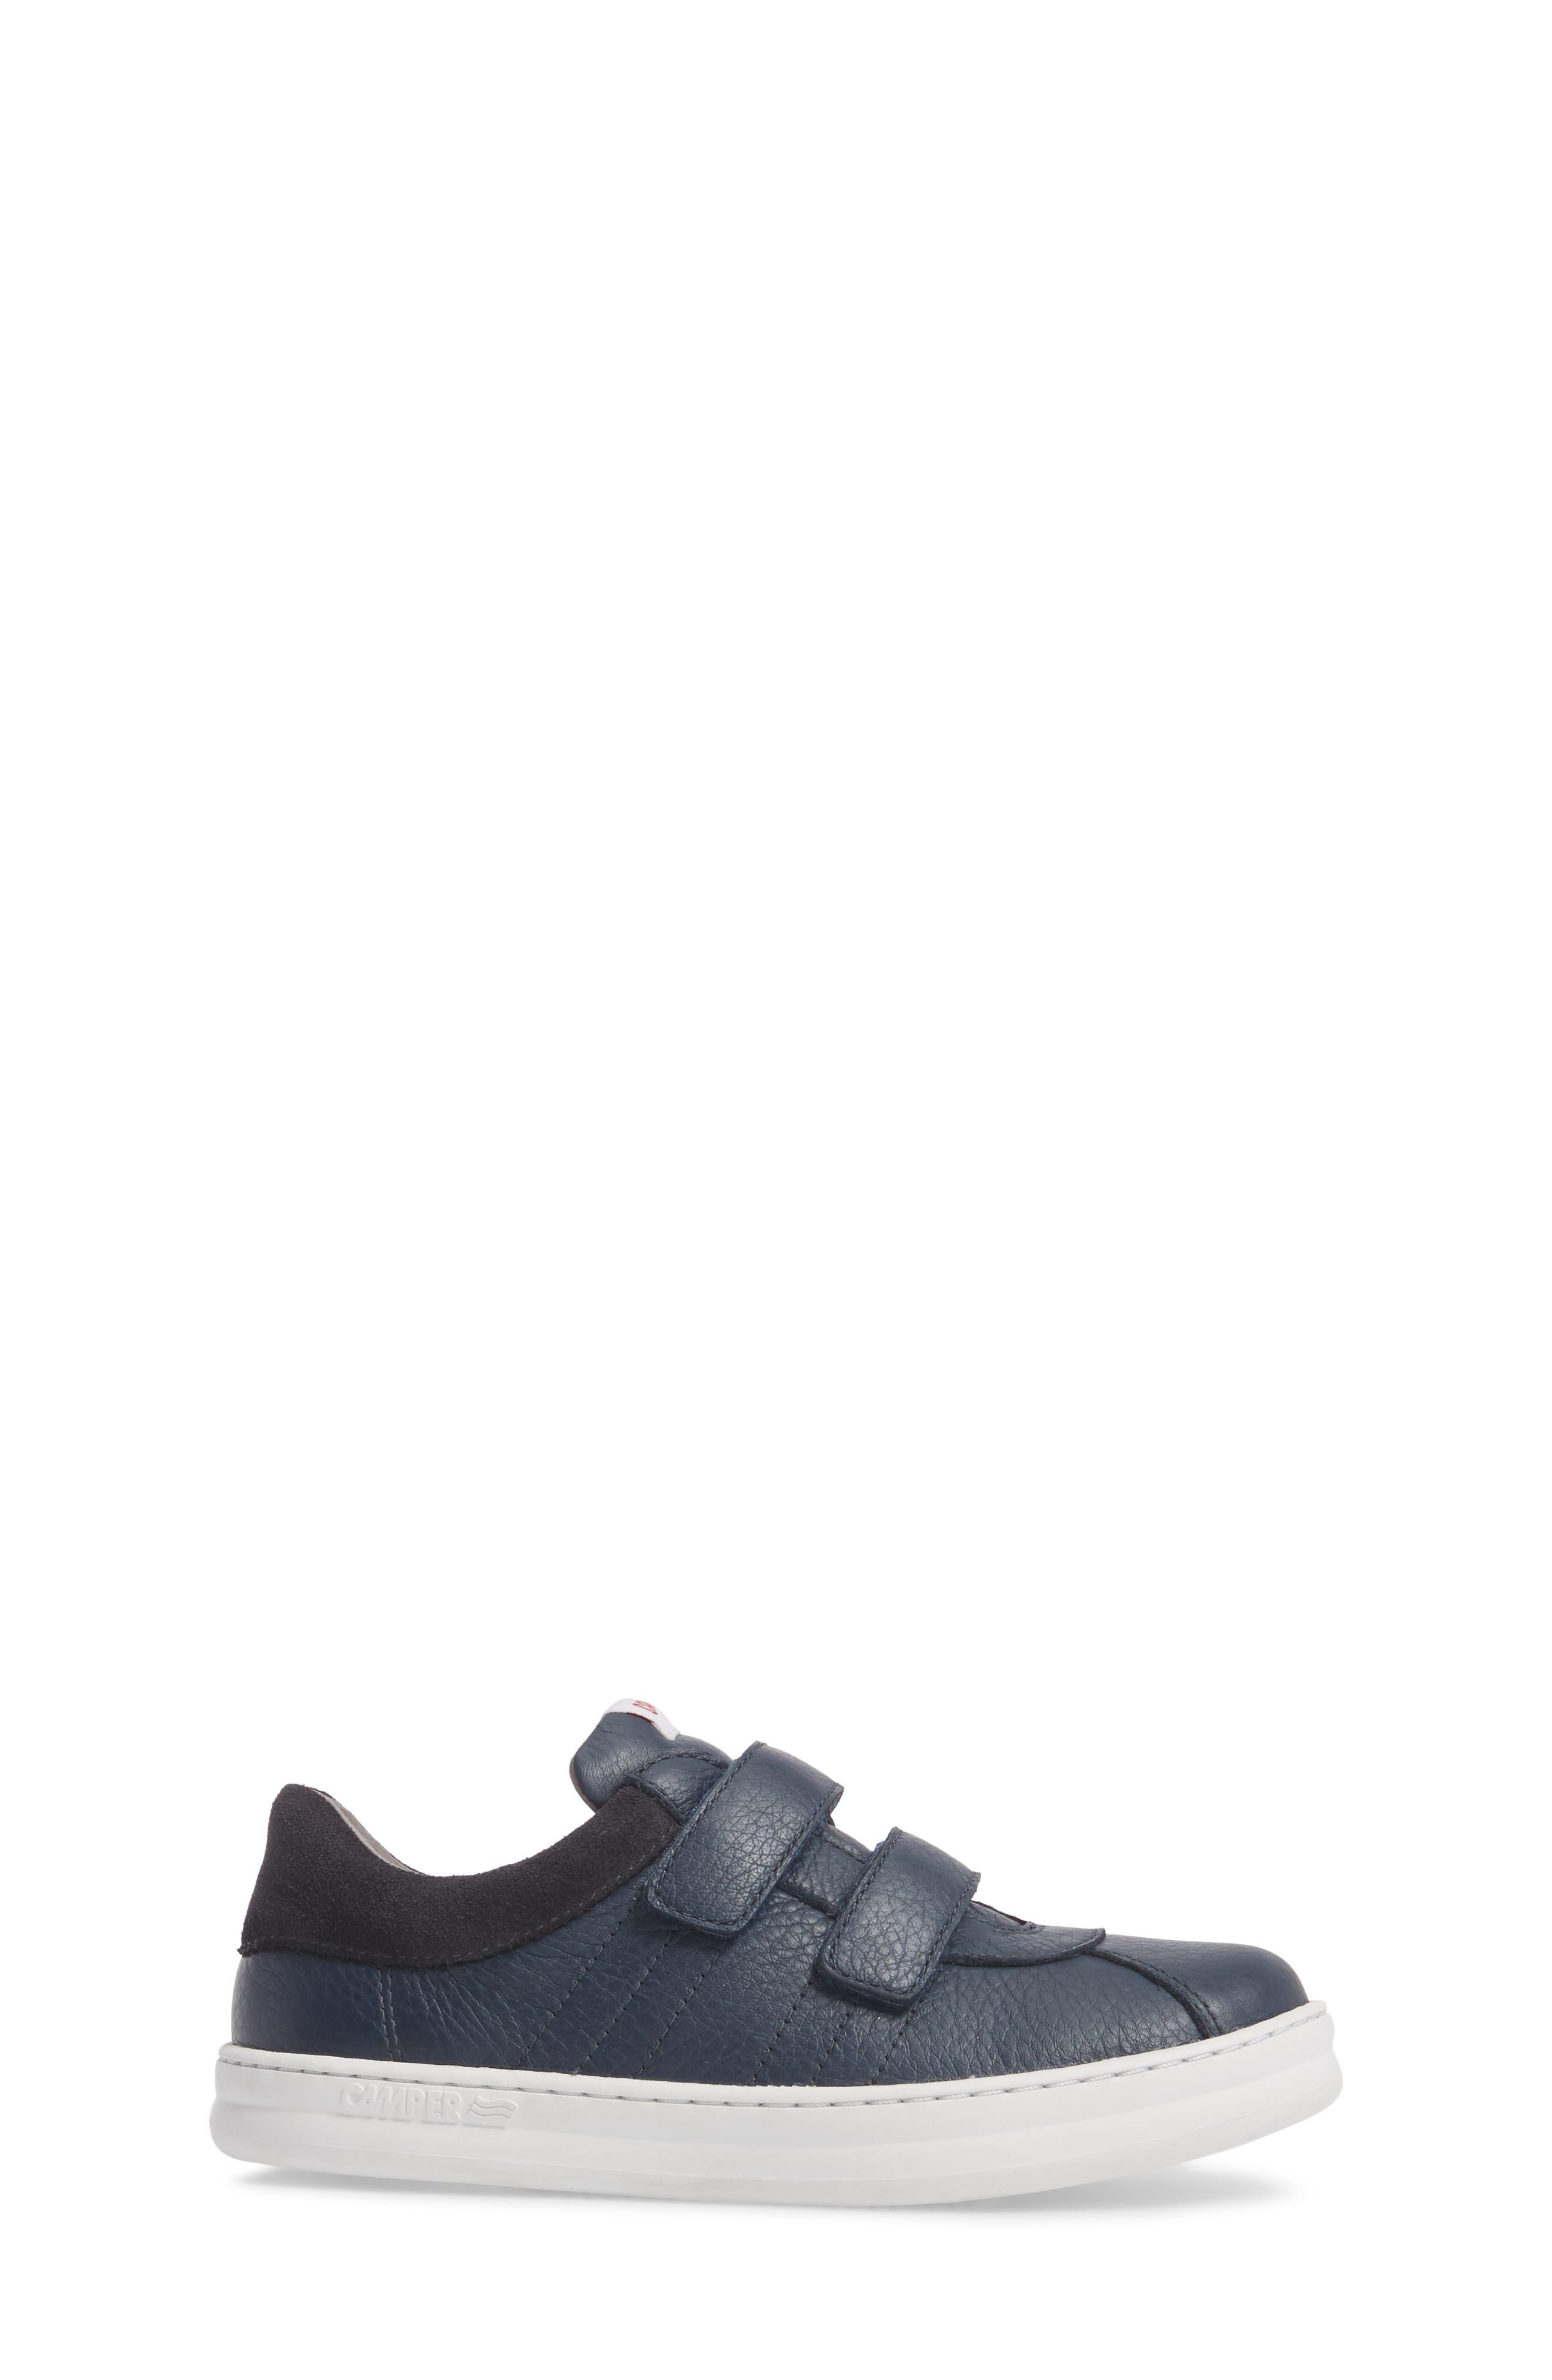 Runner Sneaker,                             Alternate thumbnail 3, color,                             NAVY